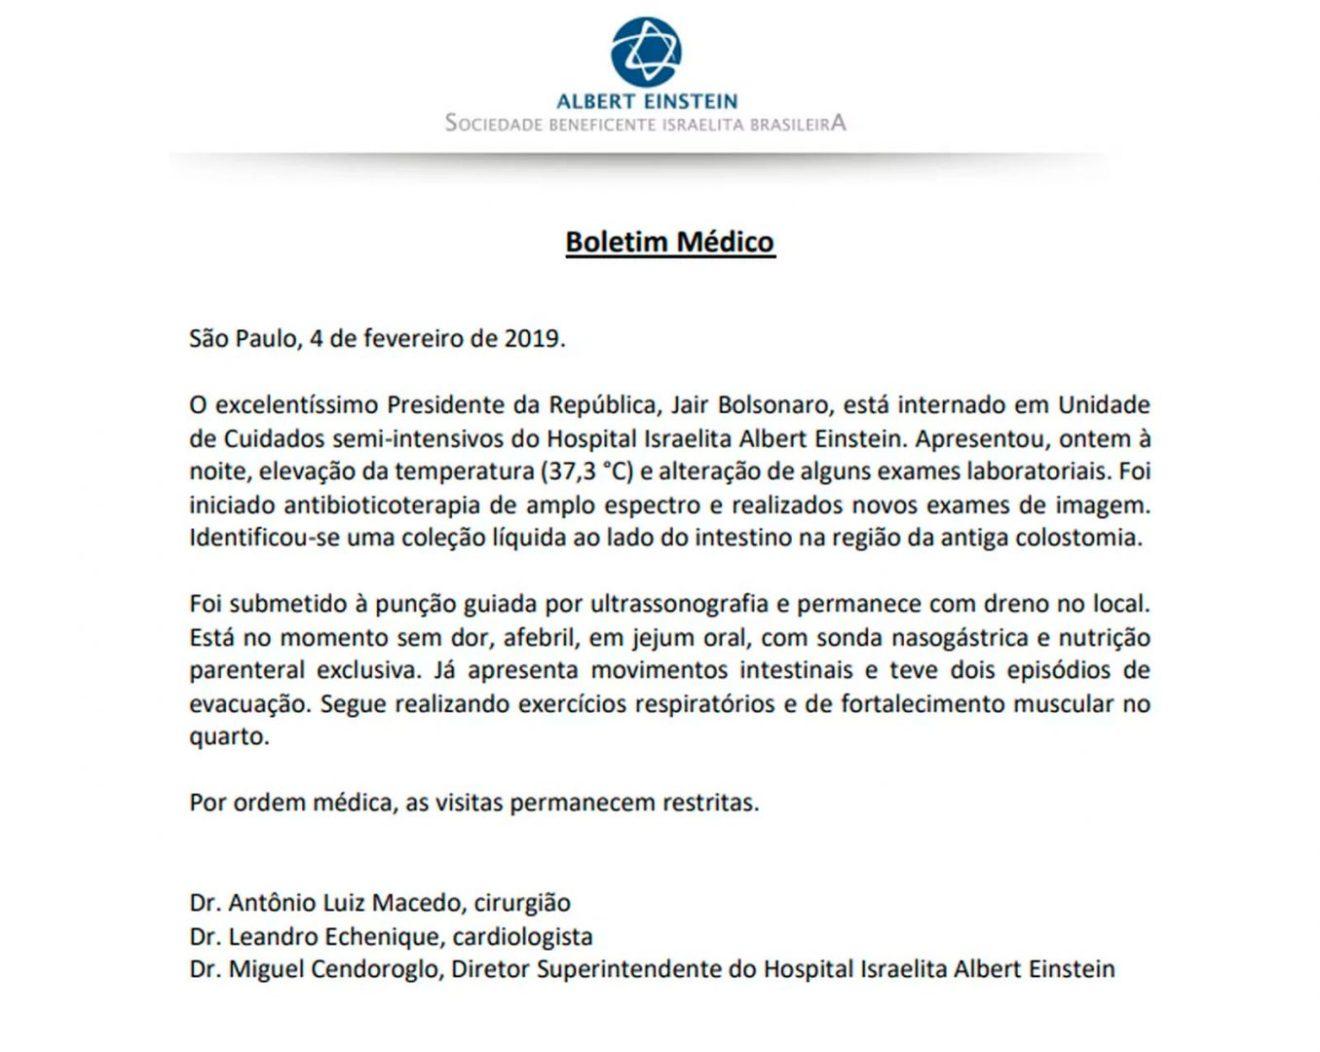 Bolsonaro coloca dreno e segue com sonda nasogástrica, diz boletim médico. Foto: Reprodução